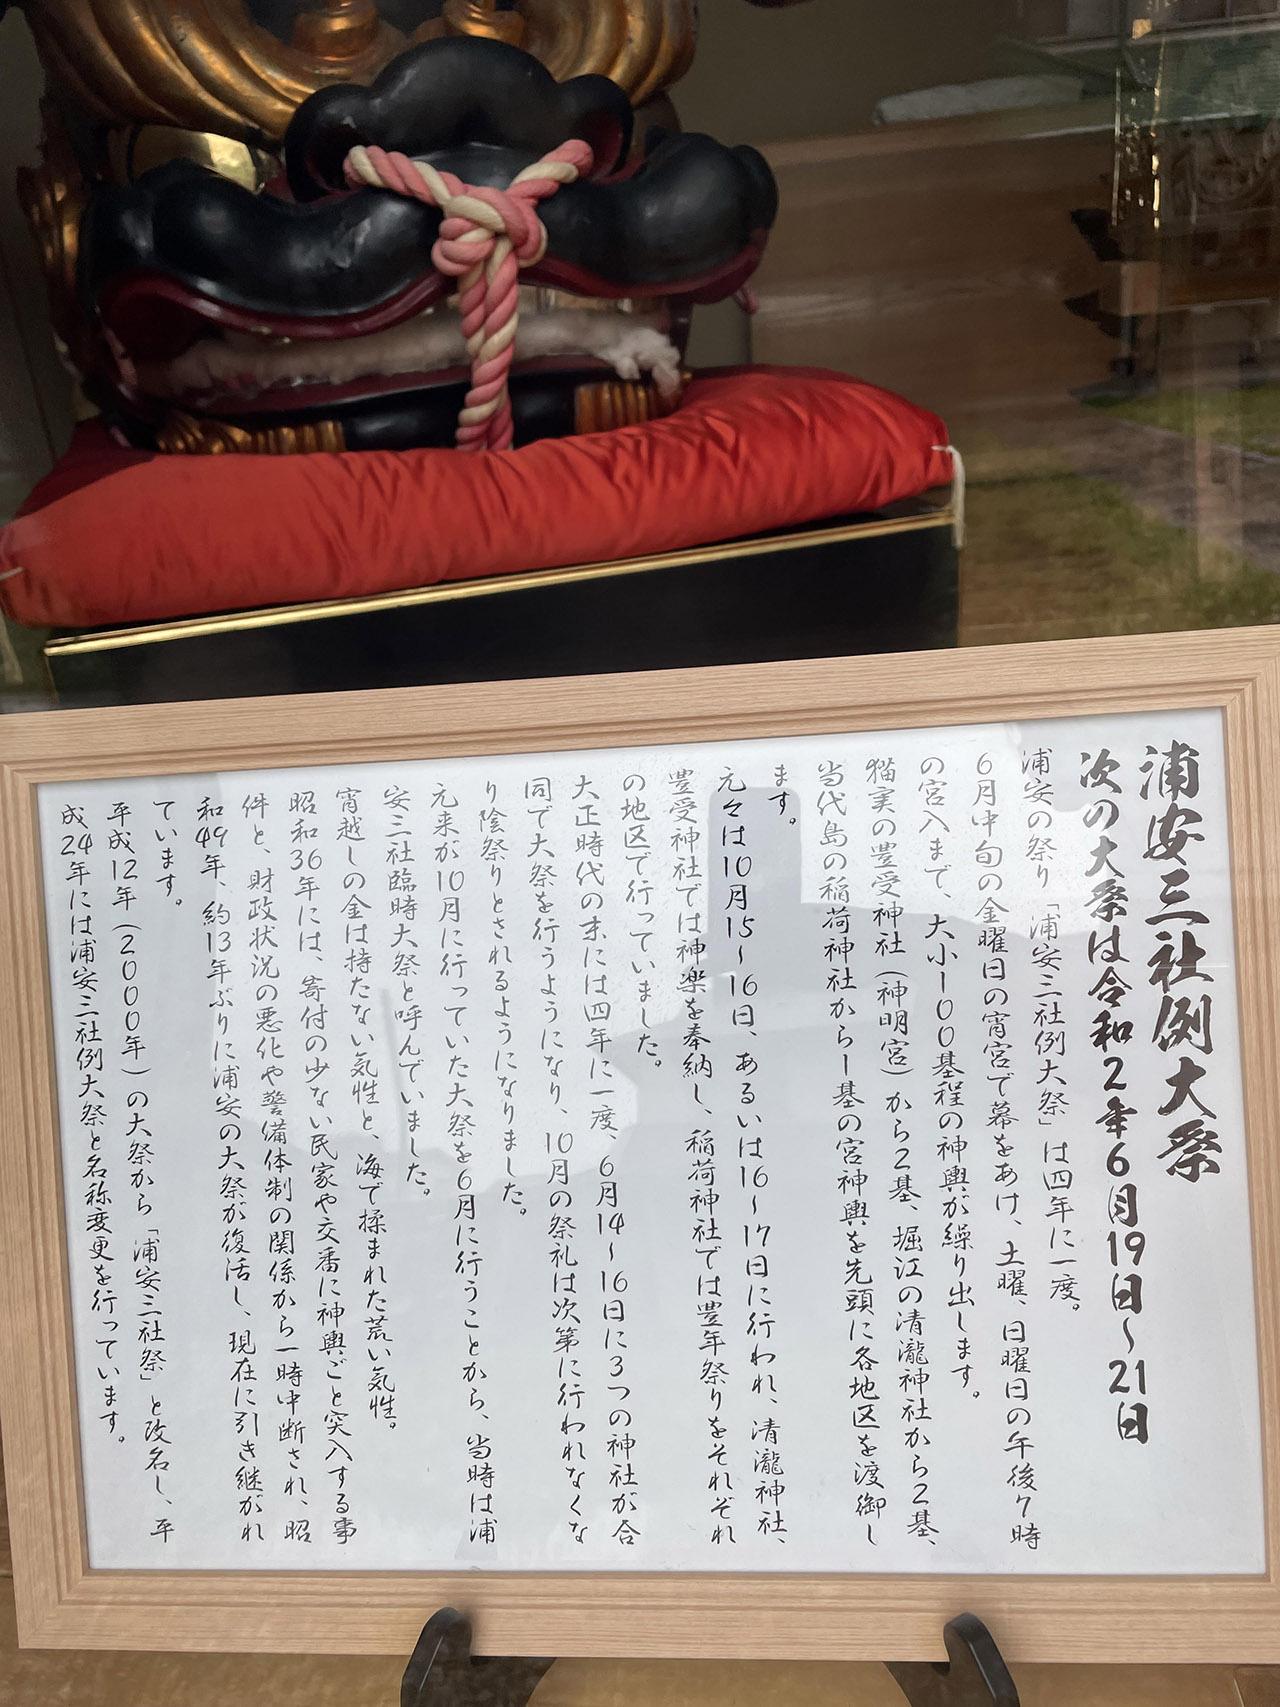 浦安三社祭の案内文の写真